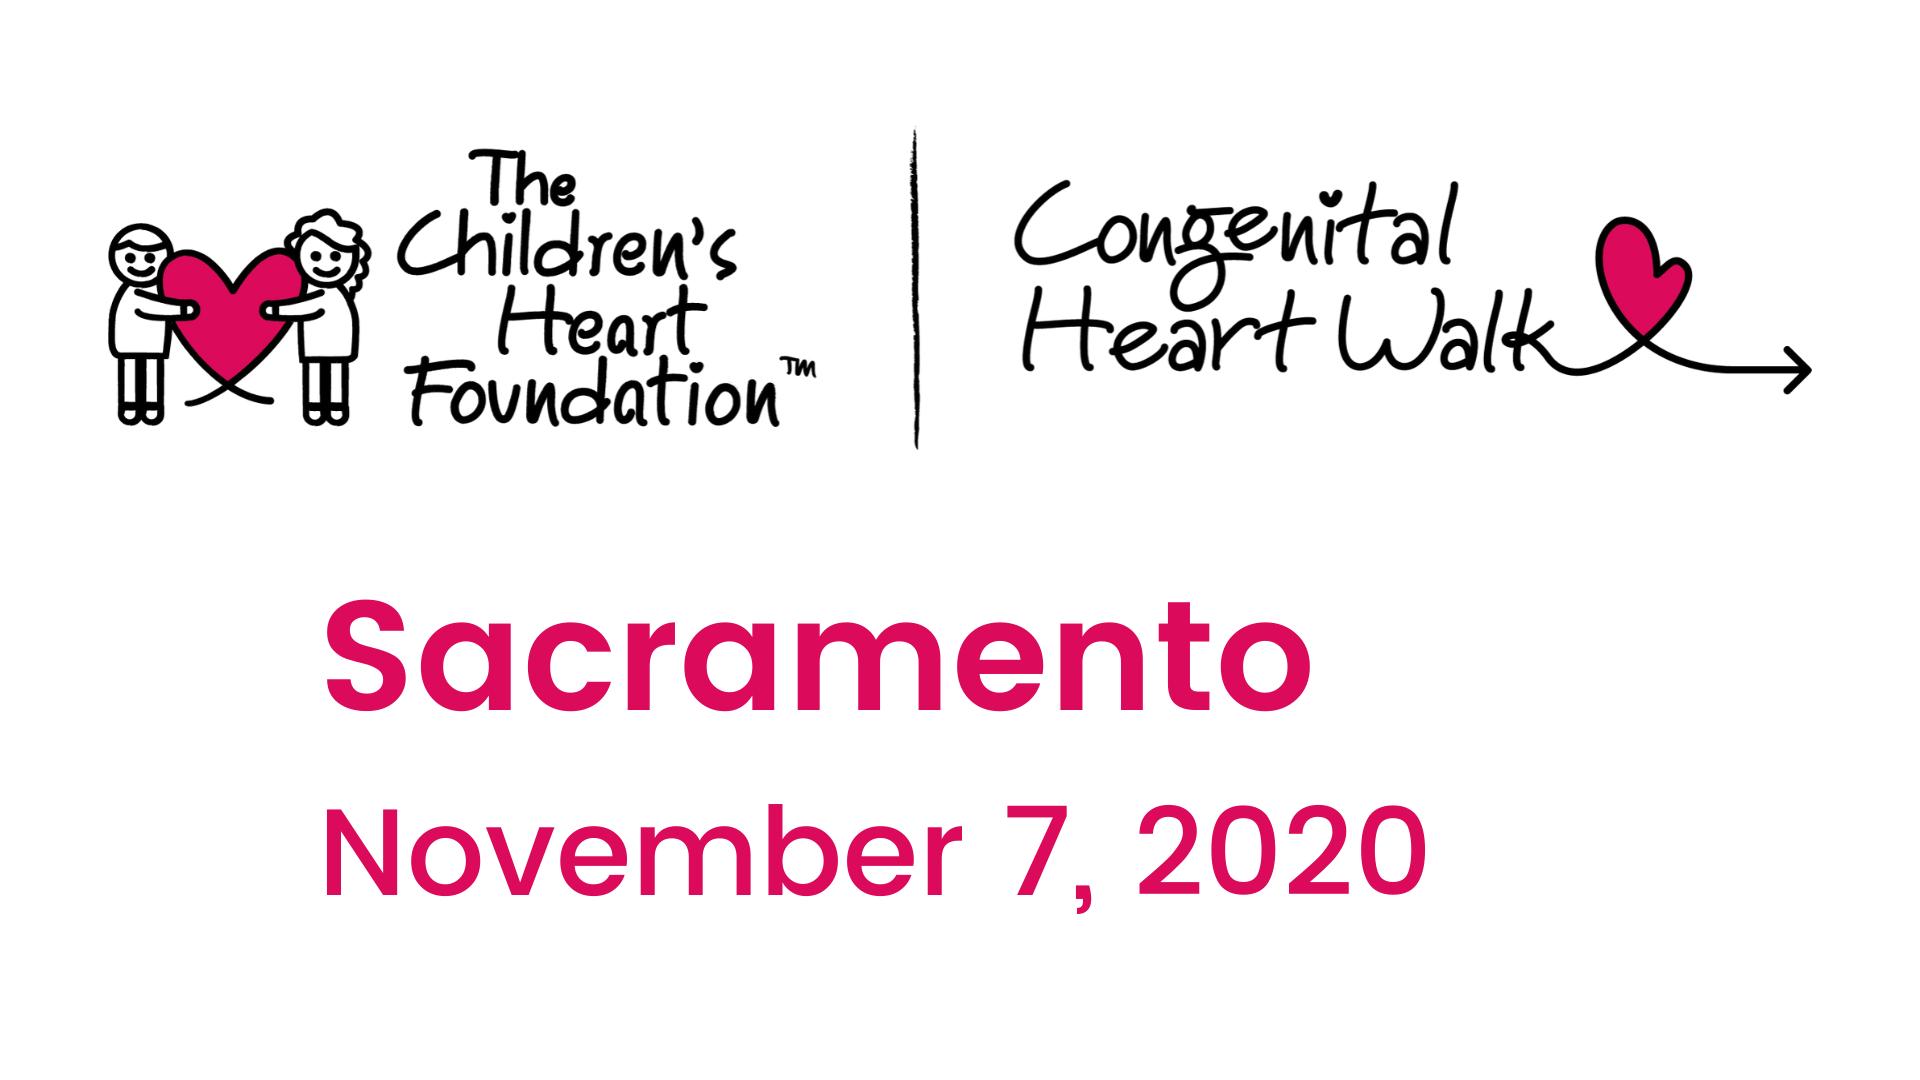 Sacramento Congenital Heart Walk (California)